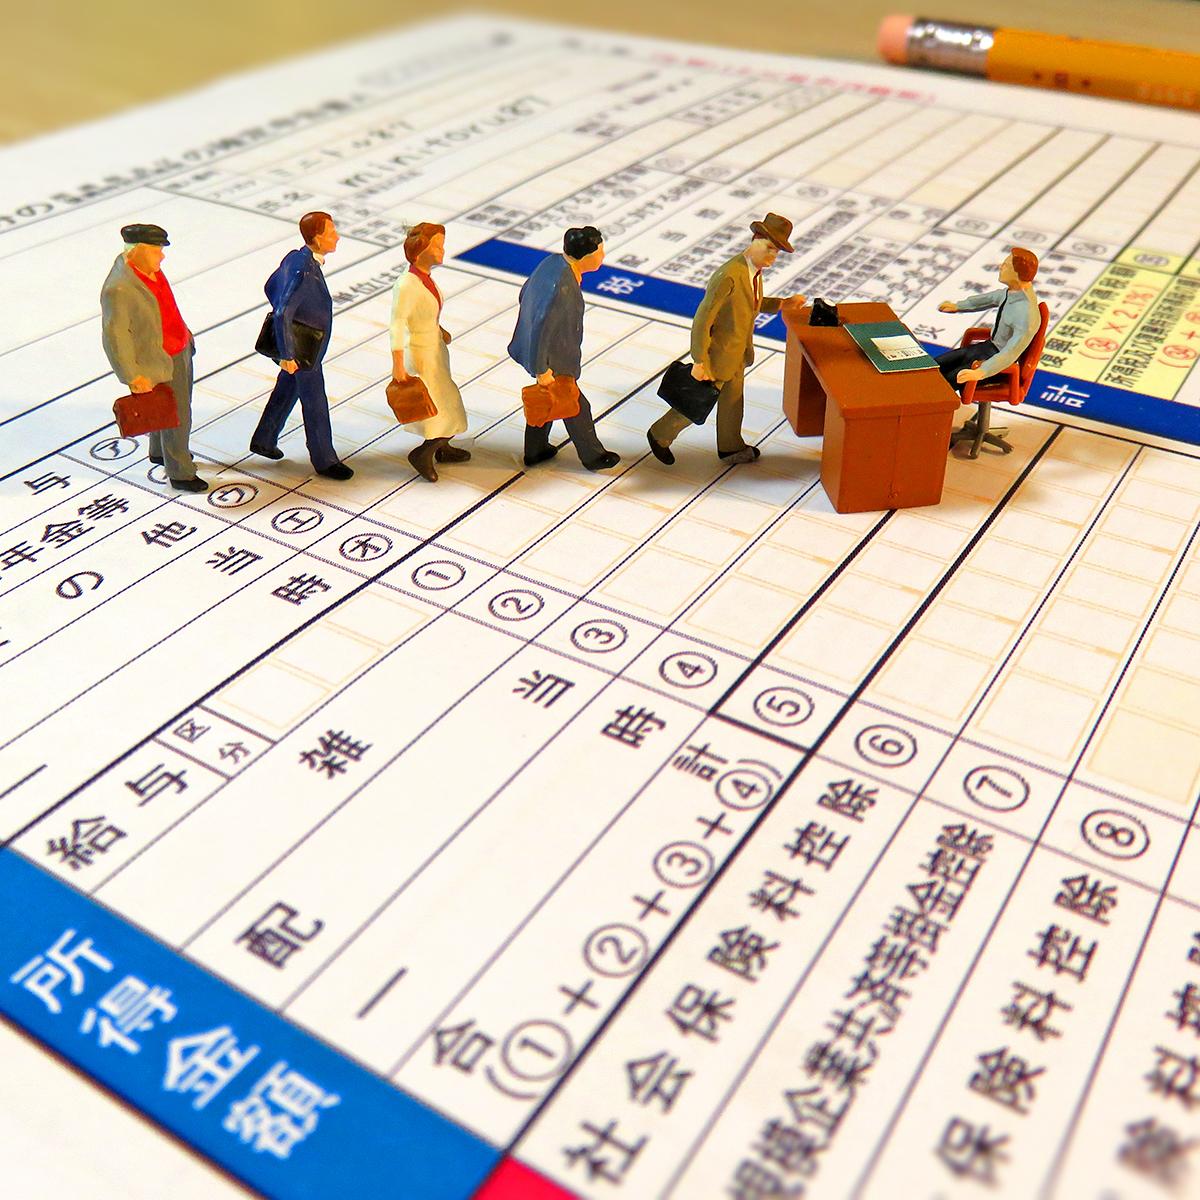 3月15日は確定申告の期限日!税務署に申告に来た納税者たち